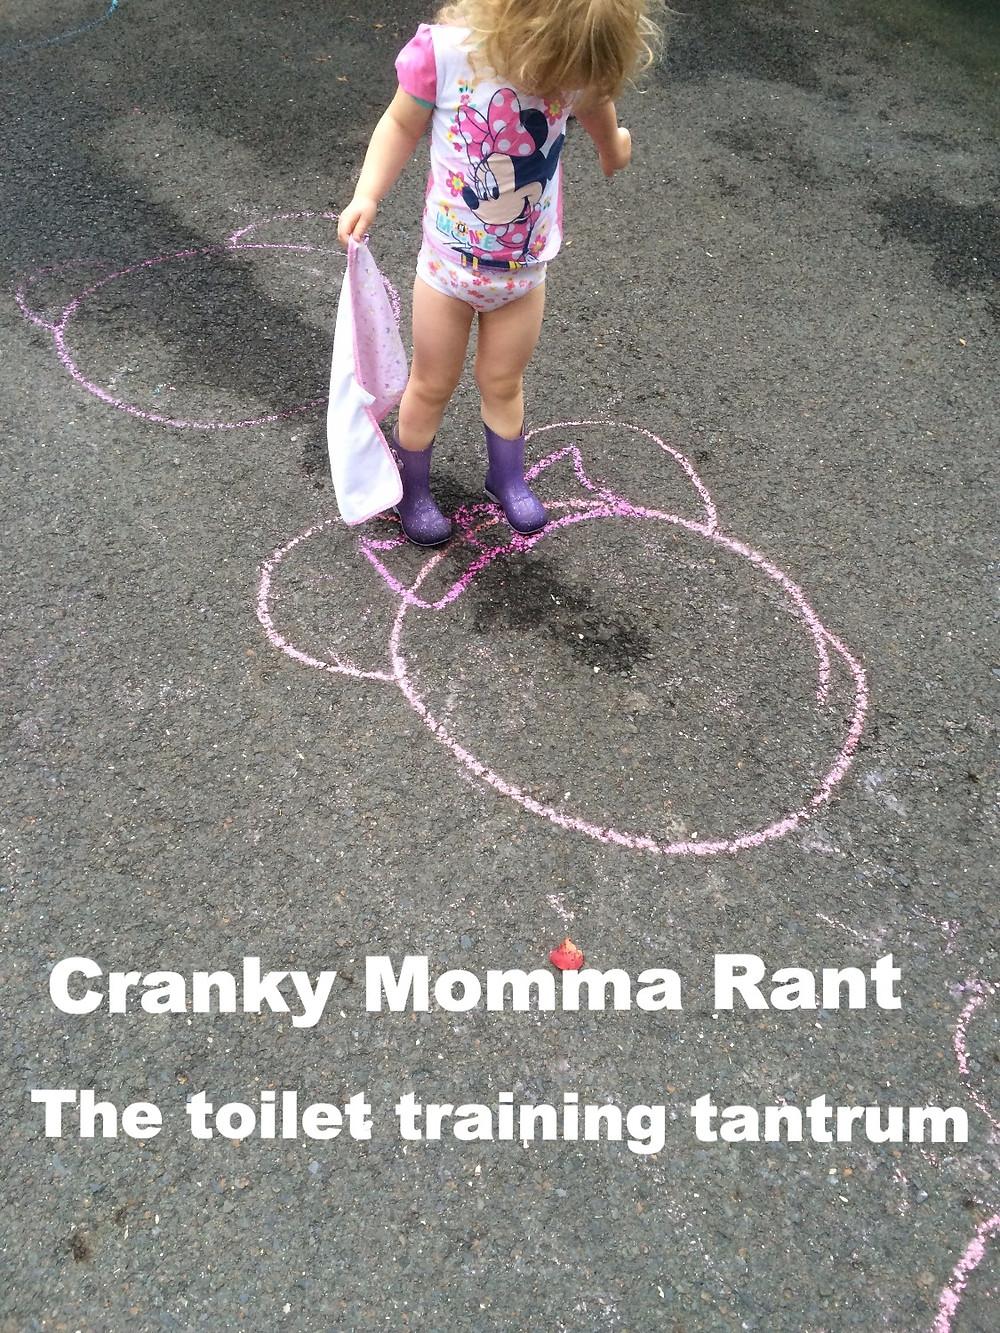 Cranky momma Rant The toilet training tantrum